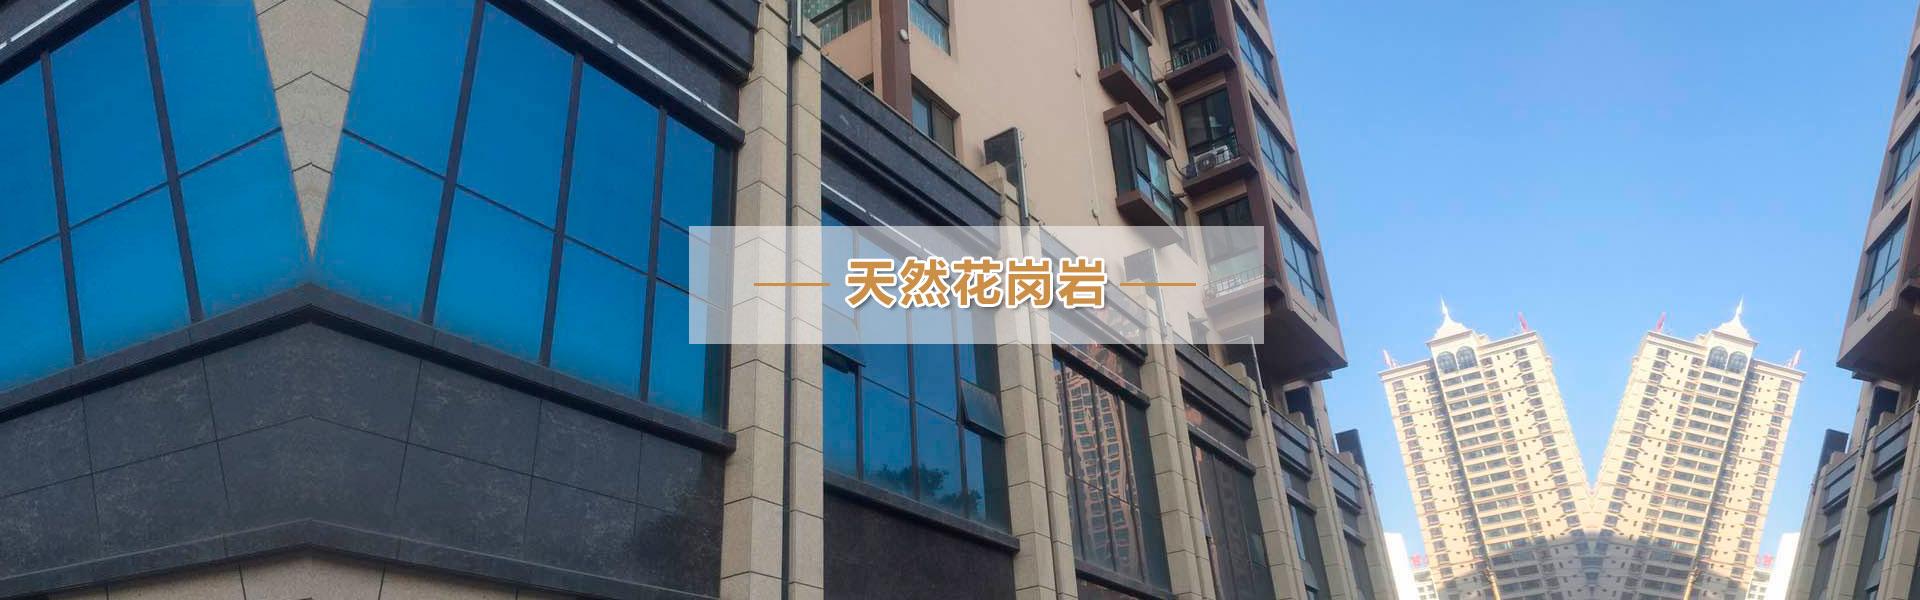 http://www.gshtsc.com/data/images/slide/20190917090634_406.jpg